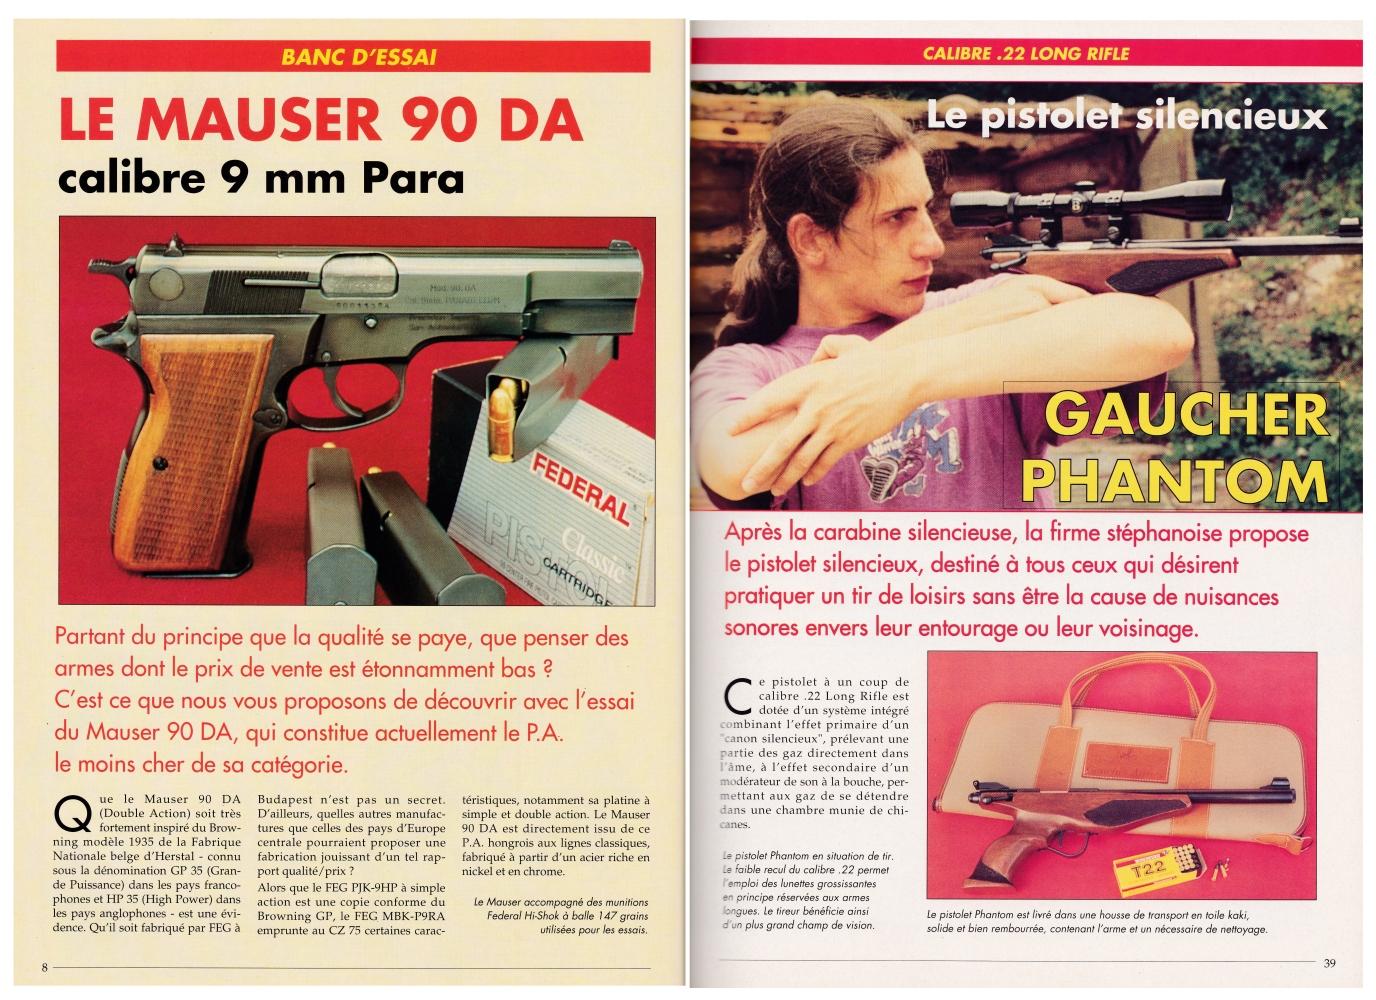 Le banc d'essai du pistolet silencieux Gaucher Phantom a été publié sur 5 pages dans le magazine Action Guns n°180 (septembre 1995).